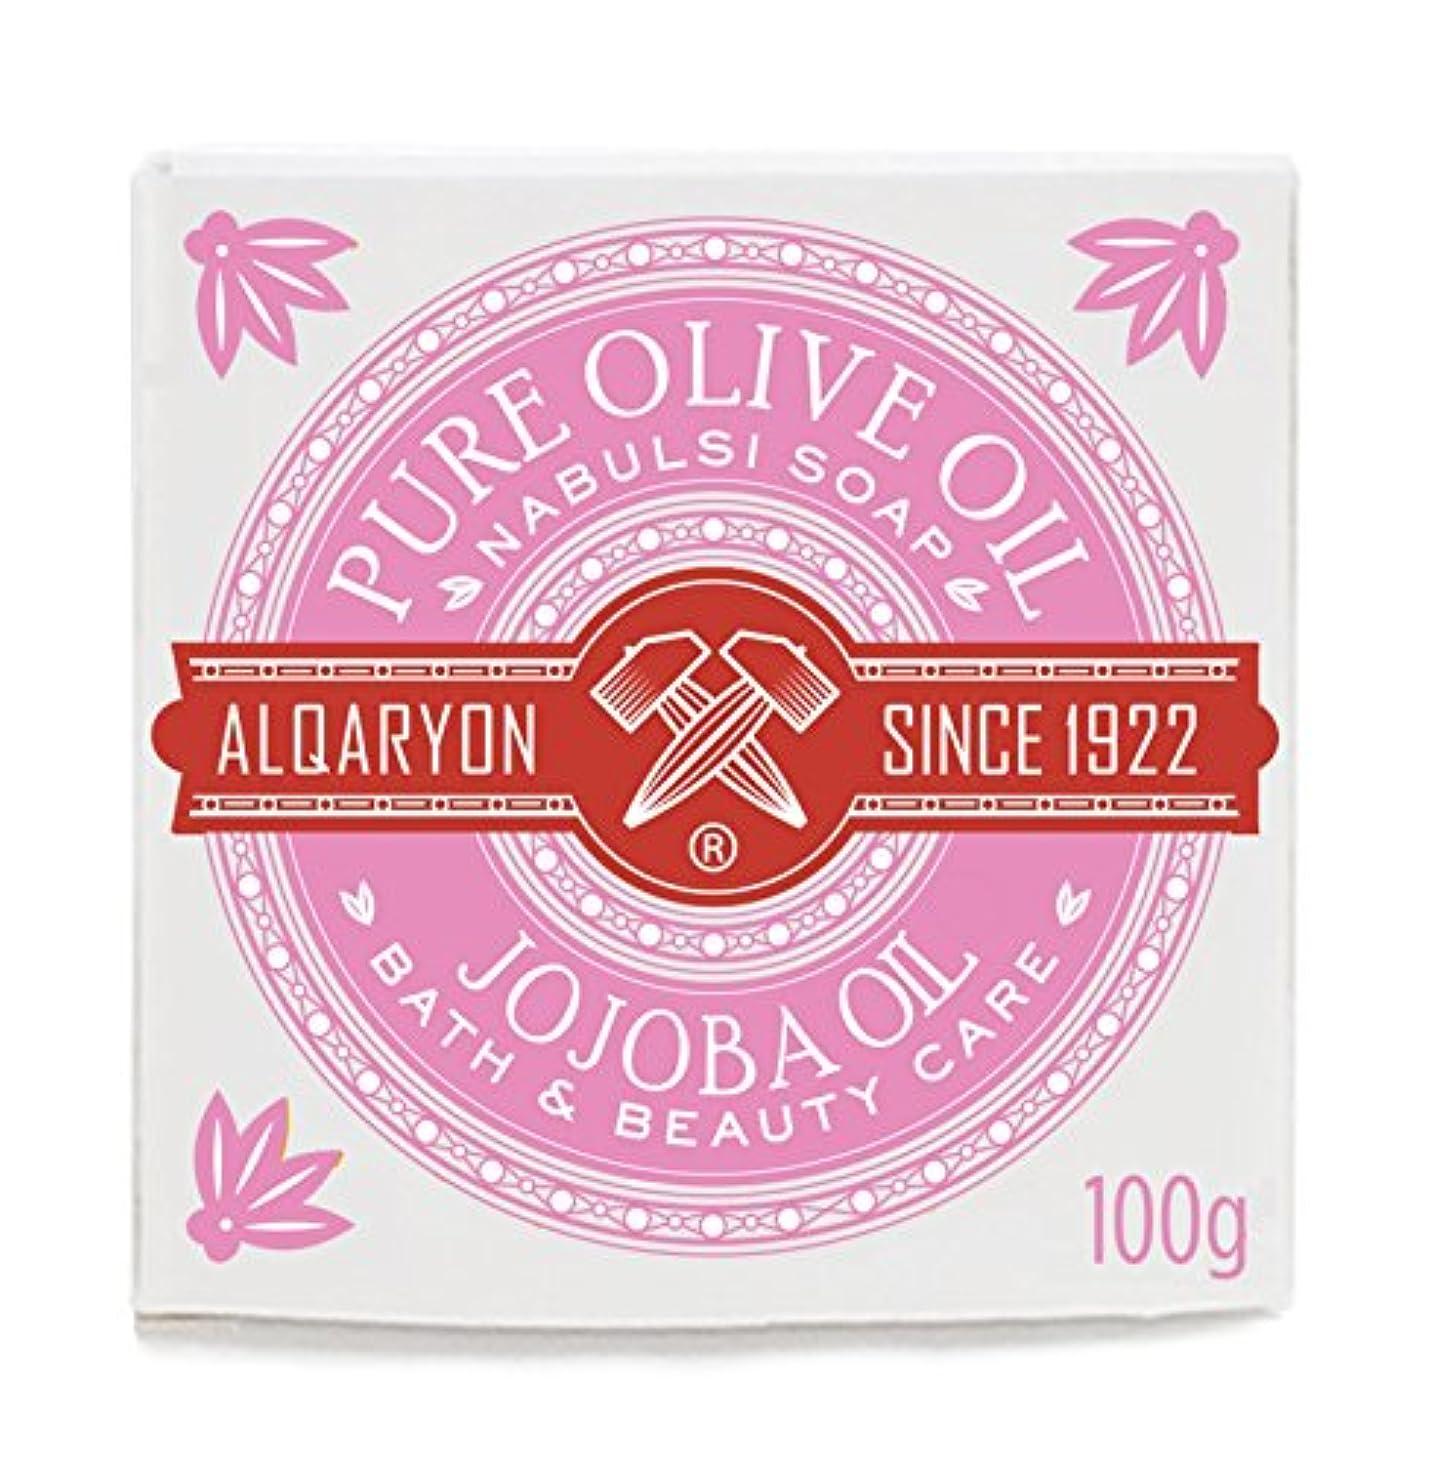 花に水をやる生産的圧縮するAlqaryon Jojoba Oil & Olive Oil Bar Soaps, Pack of 4 Bars 100g - Alqaryonのホホバ オイルとオリーブオイル ソープ、バス & ビューティー ケア、100g...